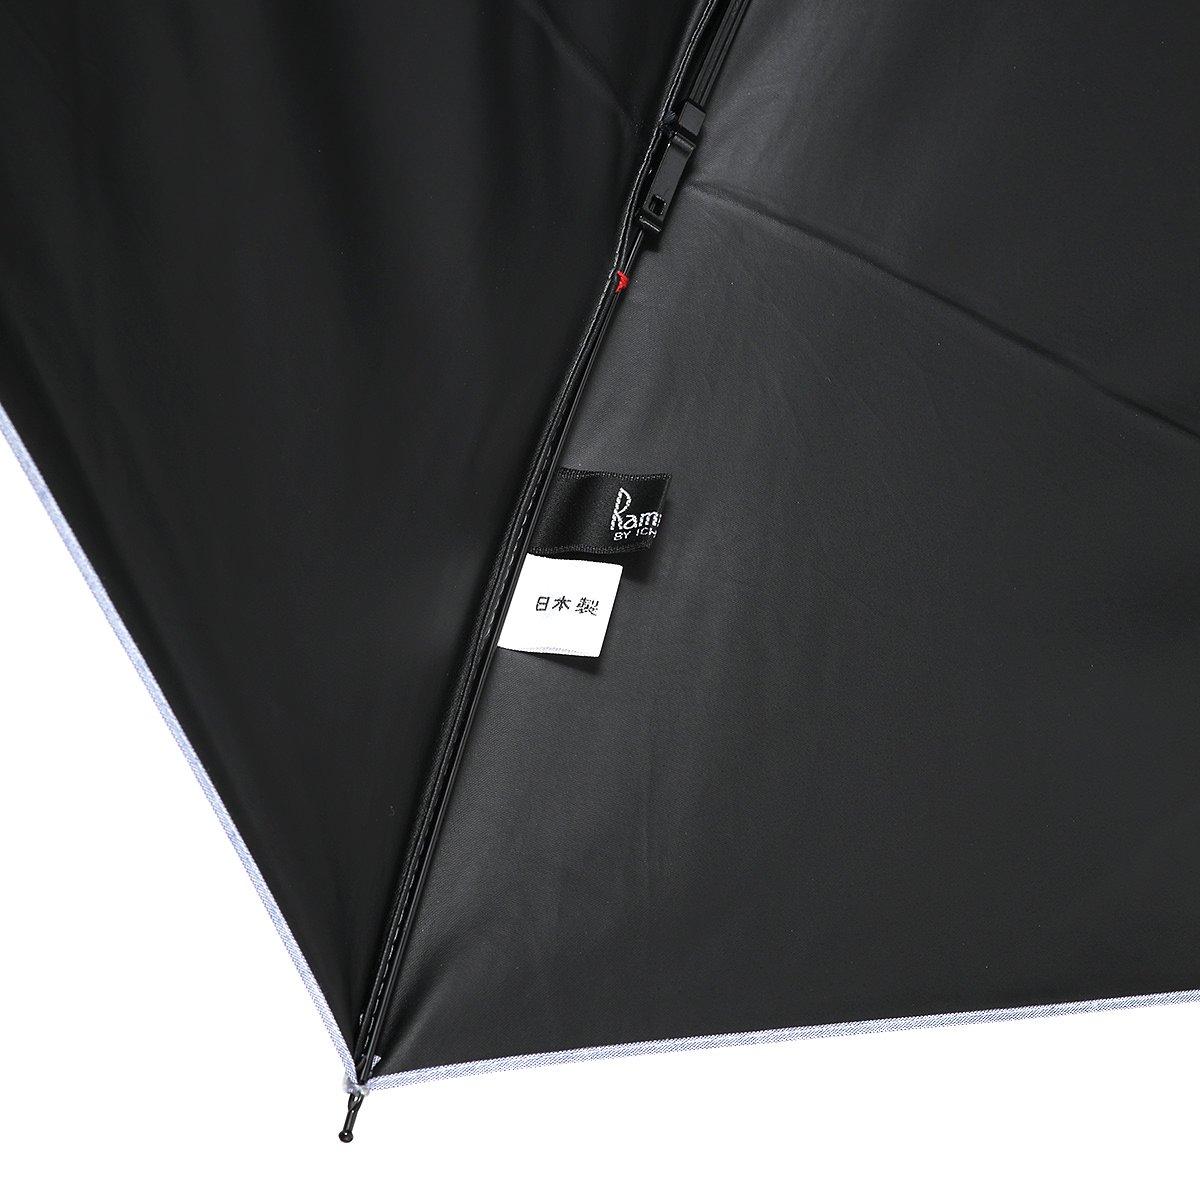 【一級遮光】シャンブレー オールシーズン 折りたたみ 日傘 詳細画像8